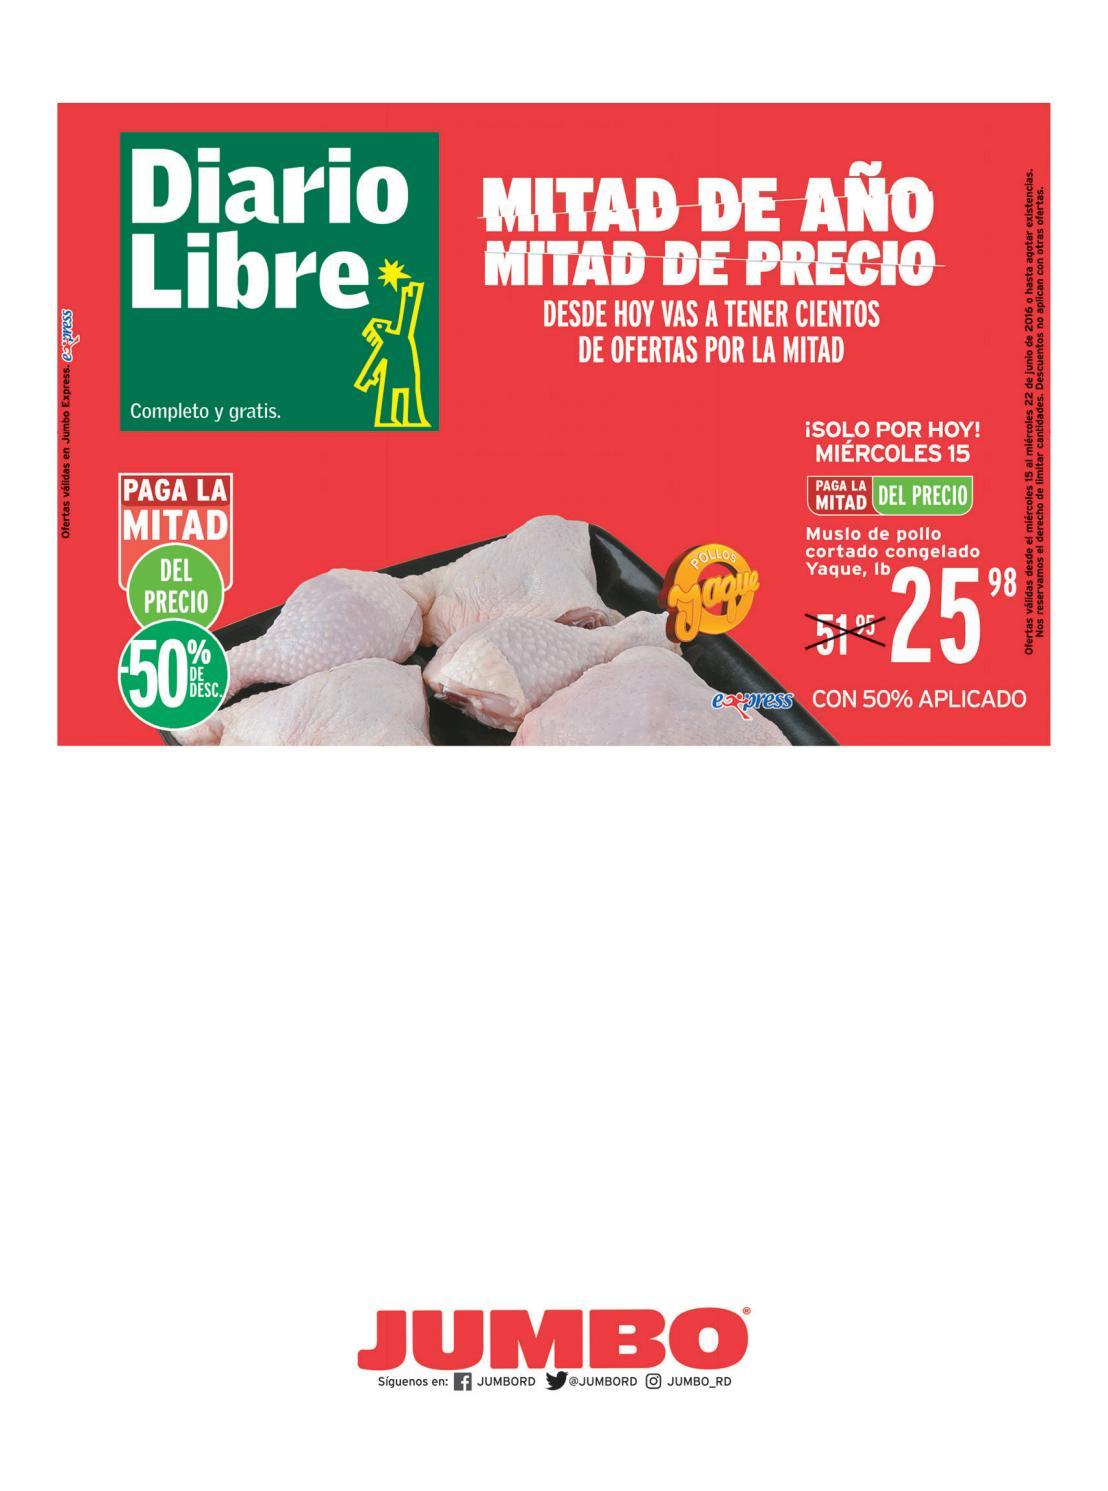 Diariolibre4585 by Grupo Diario Libre, S. A. - issuu